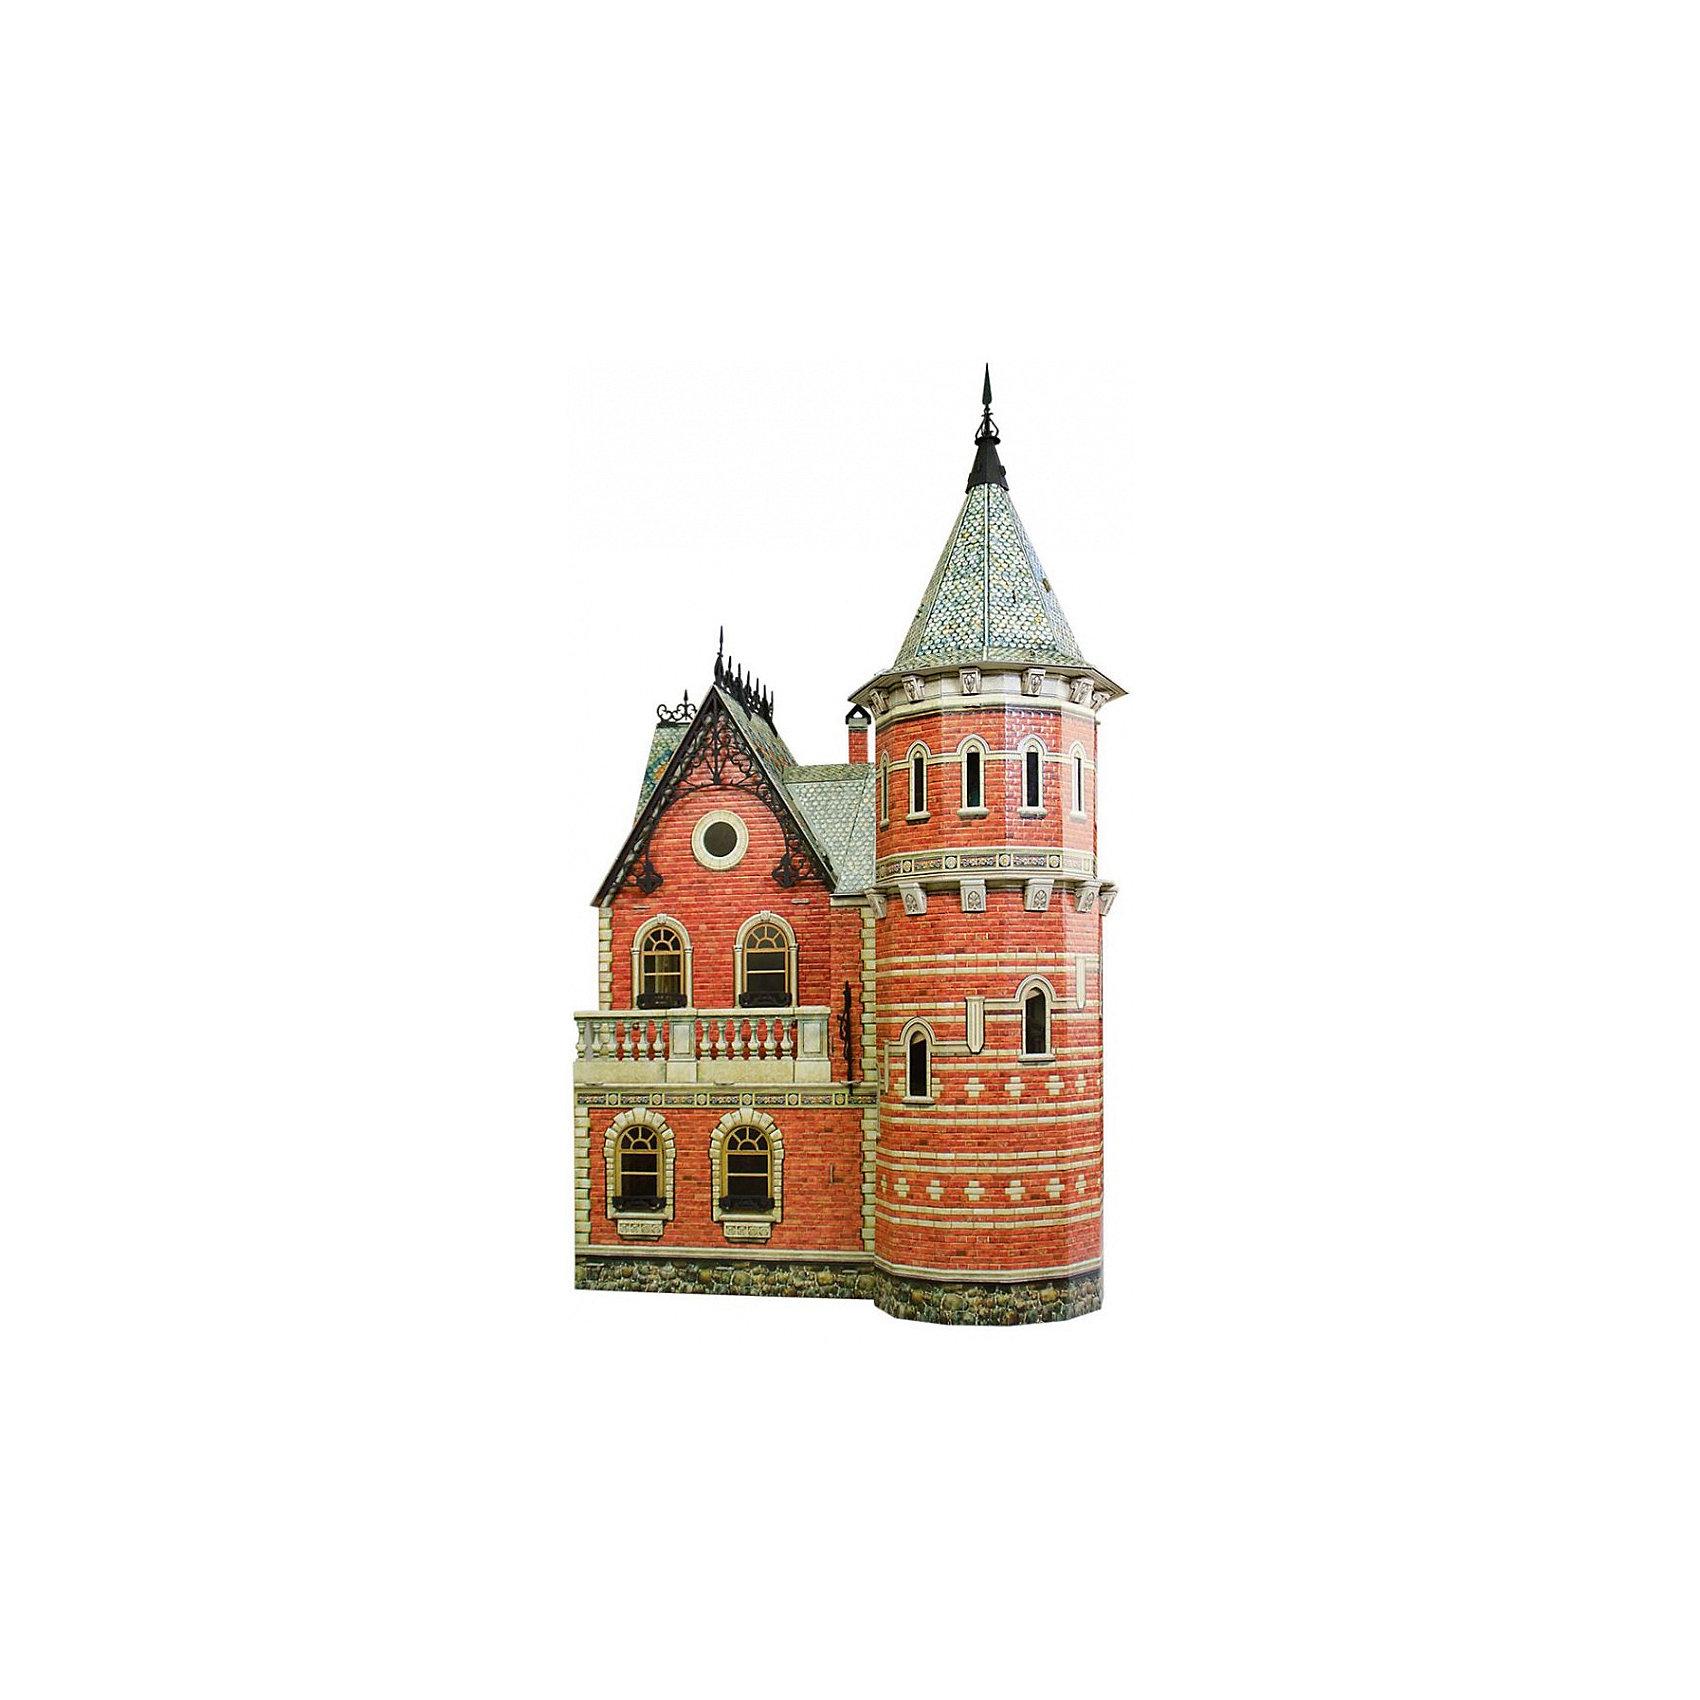 Сборная модель Кукольный ДомКукольный Дом - Сюжетный игровой набор из плотного картона. Серия: Кукольный дом и мебель. Количество деталей, шт: 134. Размер в собранном виде, см: 46 x 32 x 76. Размер упаковки, мм.:  высота 493 ширина 350 глубина 37. Тип упаковки: Картонная коробка. Вес, гр.: 3185. Возраст: от 7 лет. Все модели и игрушки, созданные по технологии УМНАЯ БУМАГА собираются без ножниц и клея, что является их неповторимой особенностью.<br>Принцип соединения деталей запатентован. Соединения деталей продуманы и просчитаны с такой точностью, что при правильной сборке с моделью можно играть, как с обычной игрушкой.<br><br>Ширина мм: 350<br>Глубина мм: 37<br>Высота мм: 493<br>Вес г: 3185<br>Возраст от месяцев: 84<br>Возраст до месяцев: 2147483647<br>Пол: Унисекс<br>Возраст: Детский<br>SKU: 4807487